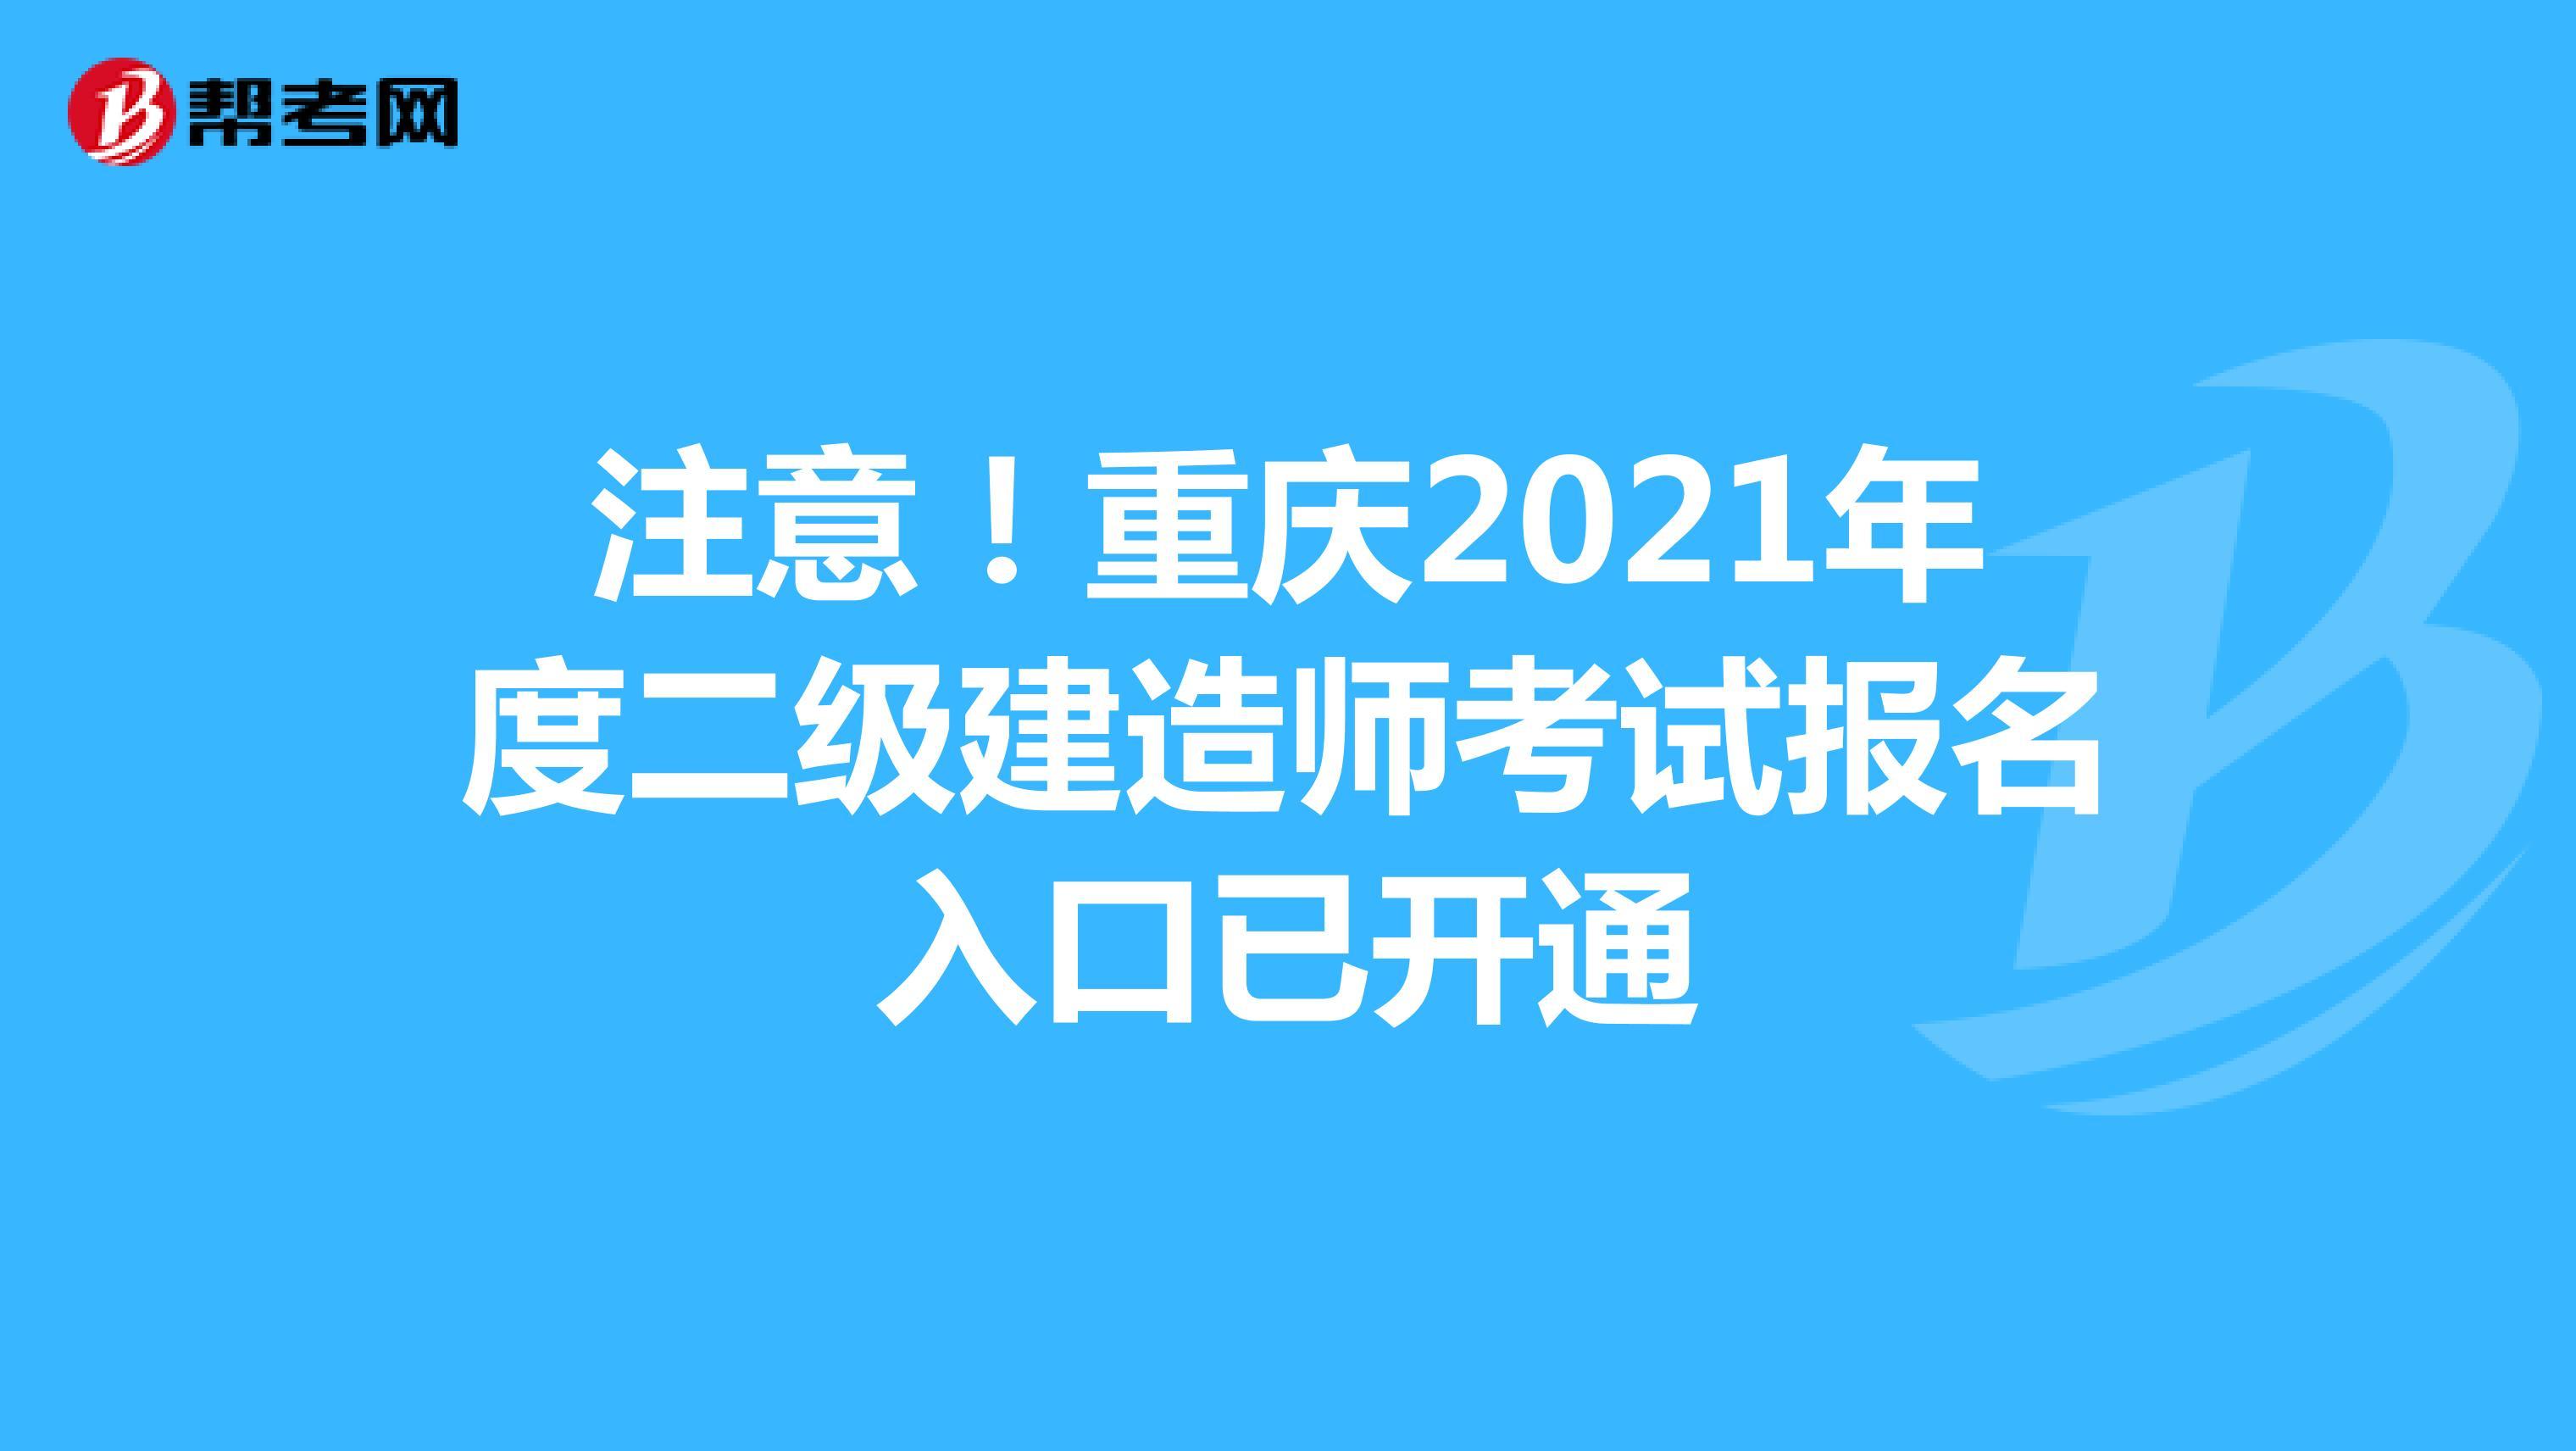 注意!重慶2021年度二級建造師考試報名入口已開通